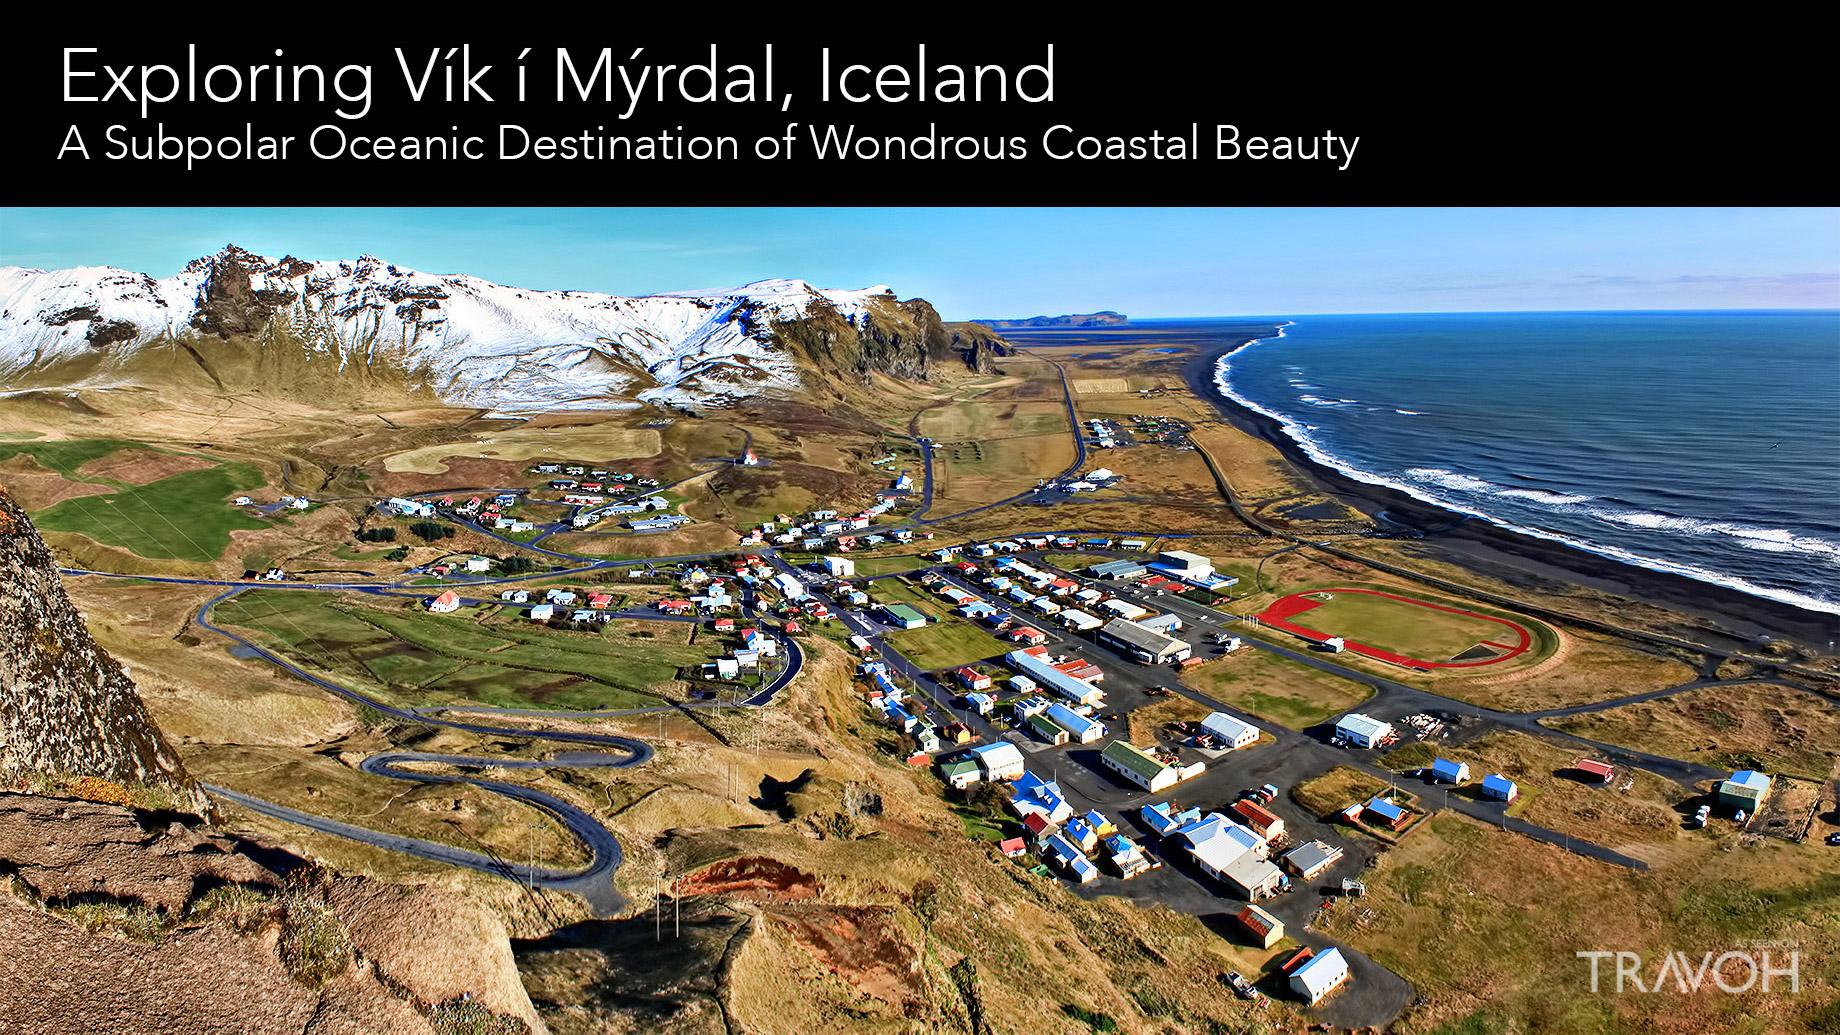 Exploring Vík í Mýrdal, Iceland - A Subpolar Oceanic Destination of Wondrous Coastal Beauty